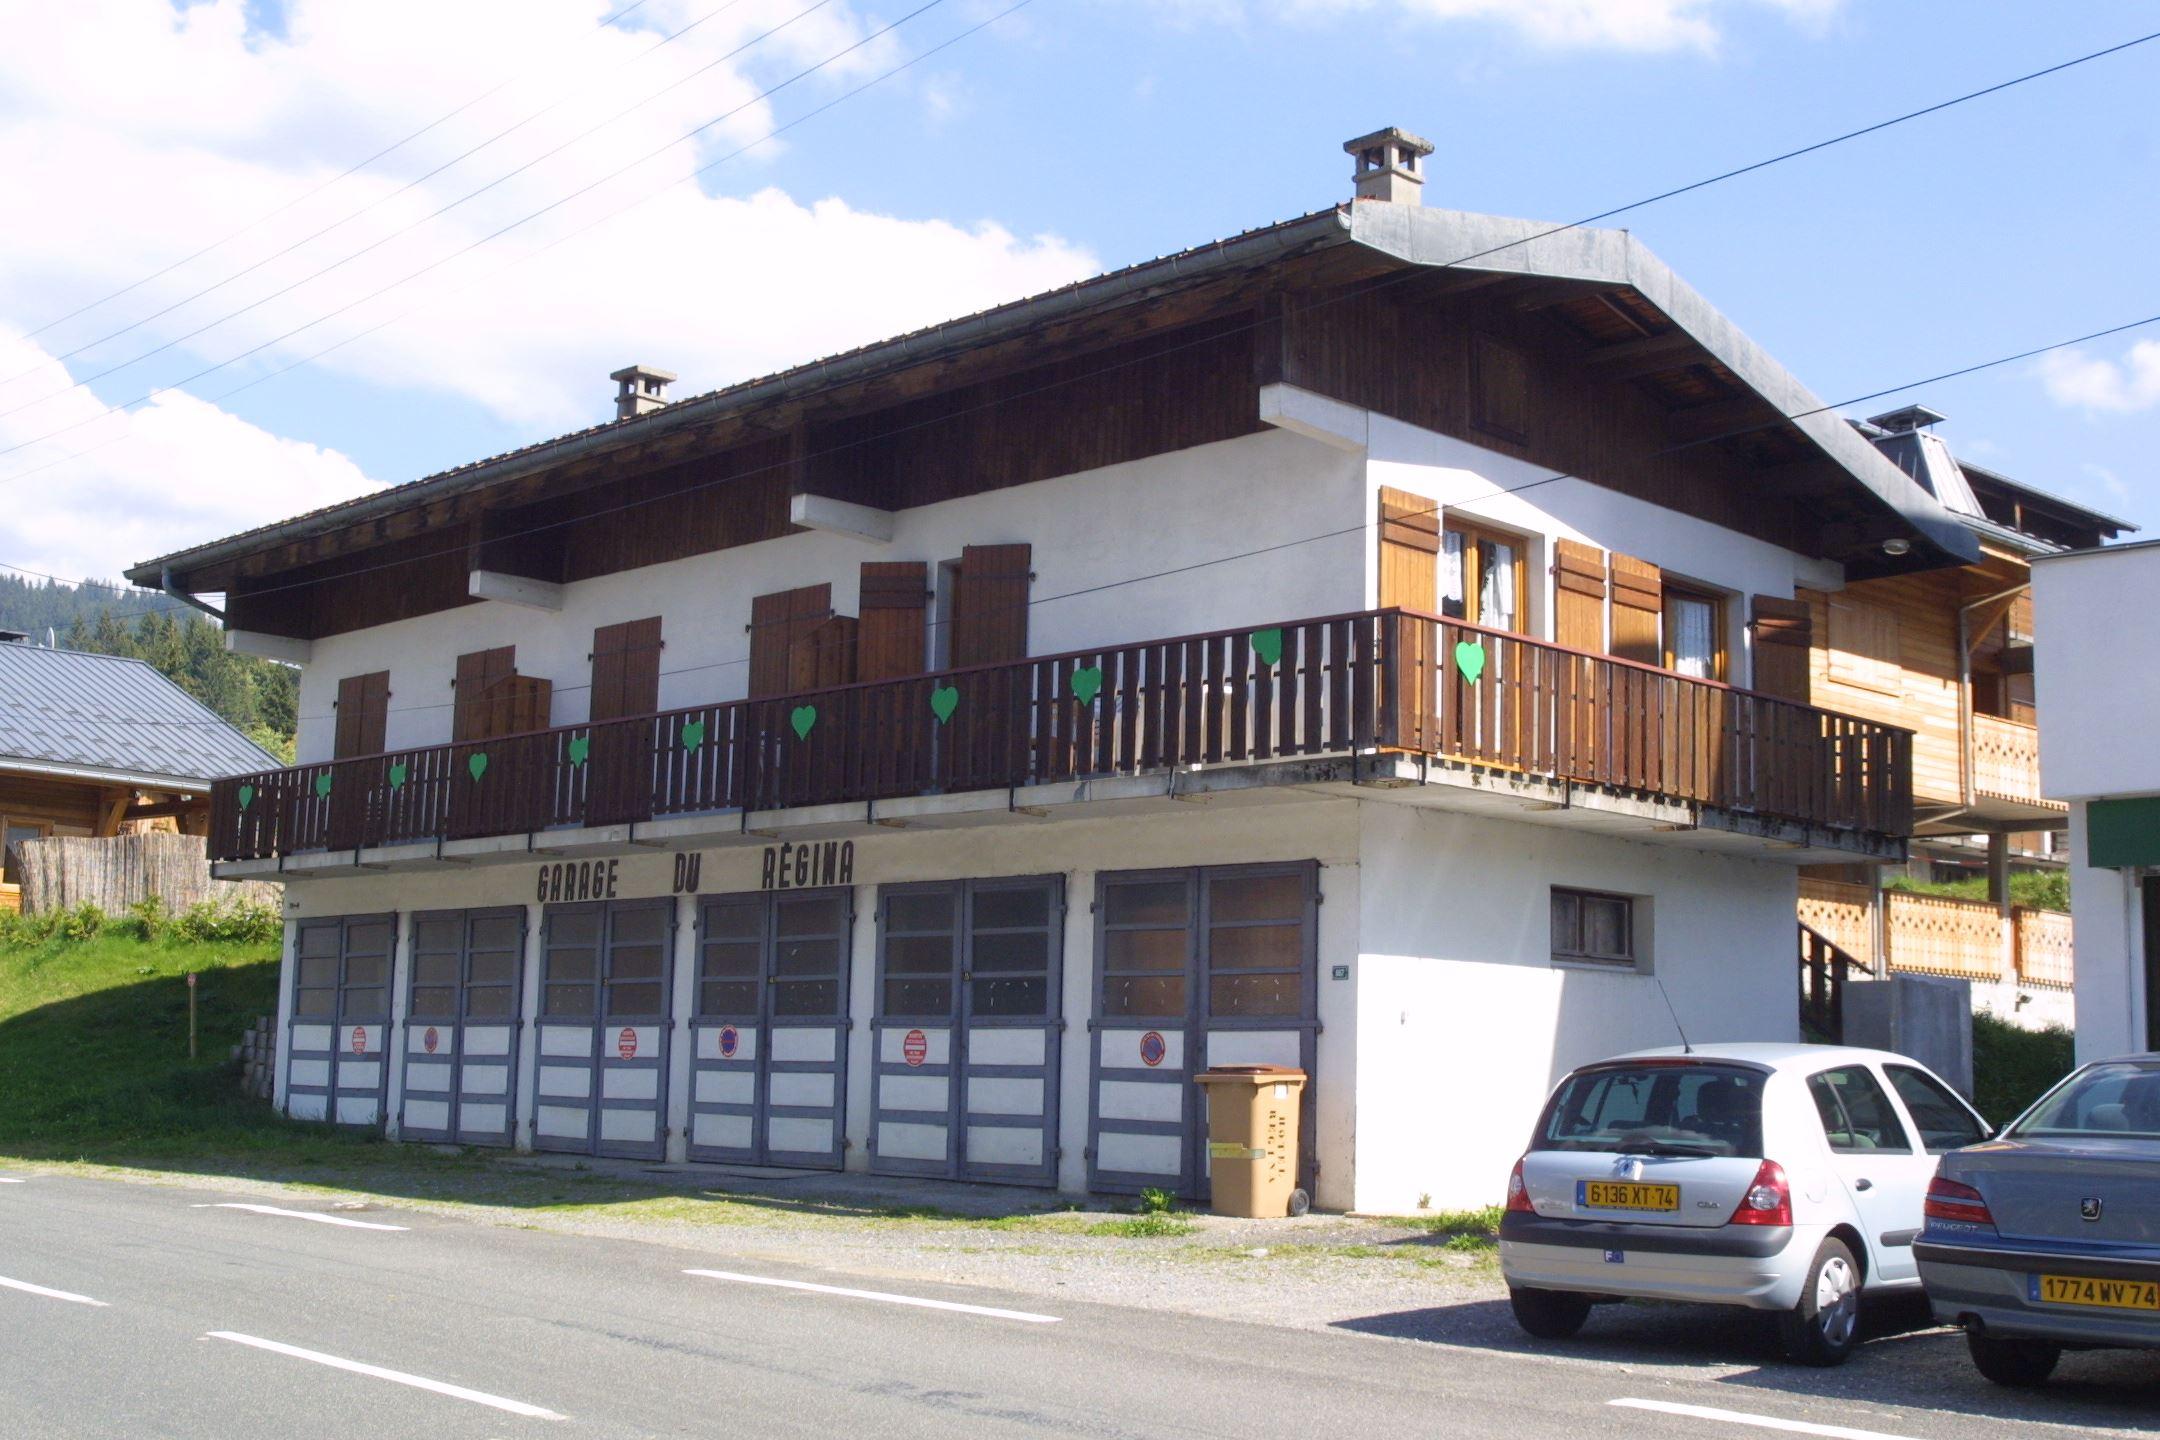 Lägenhet för upp till 4 personer med 2 rum Victoria n° 2 - Les Gets